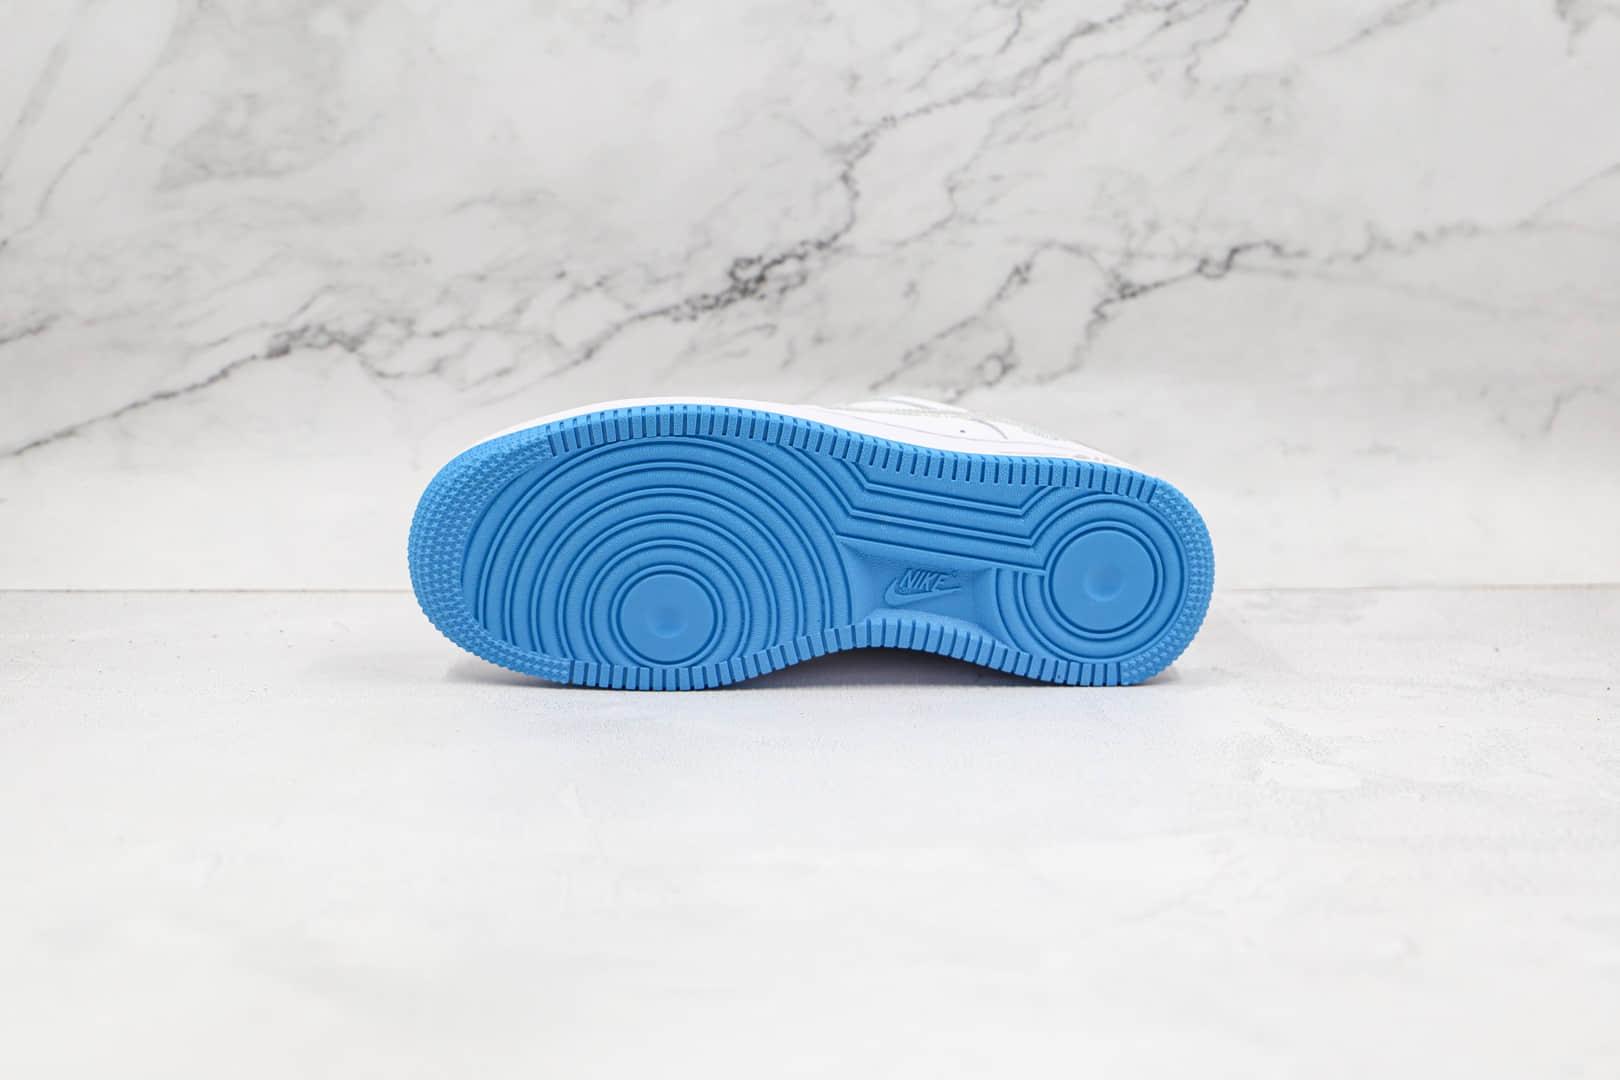 耐克Nike Air Force 1 Low The Great Unity纯原版本低帮空军一号白色贴纸阴阳篮球篮板板鞋原档案数据开发 货号:DM8088-100